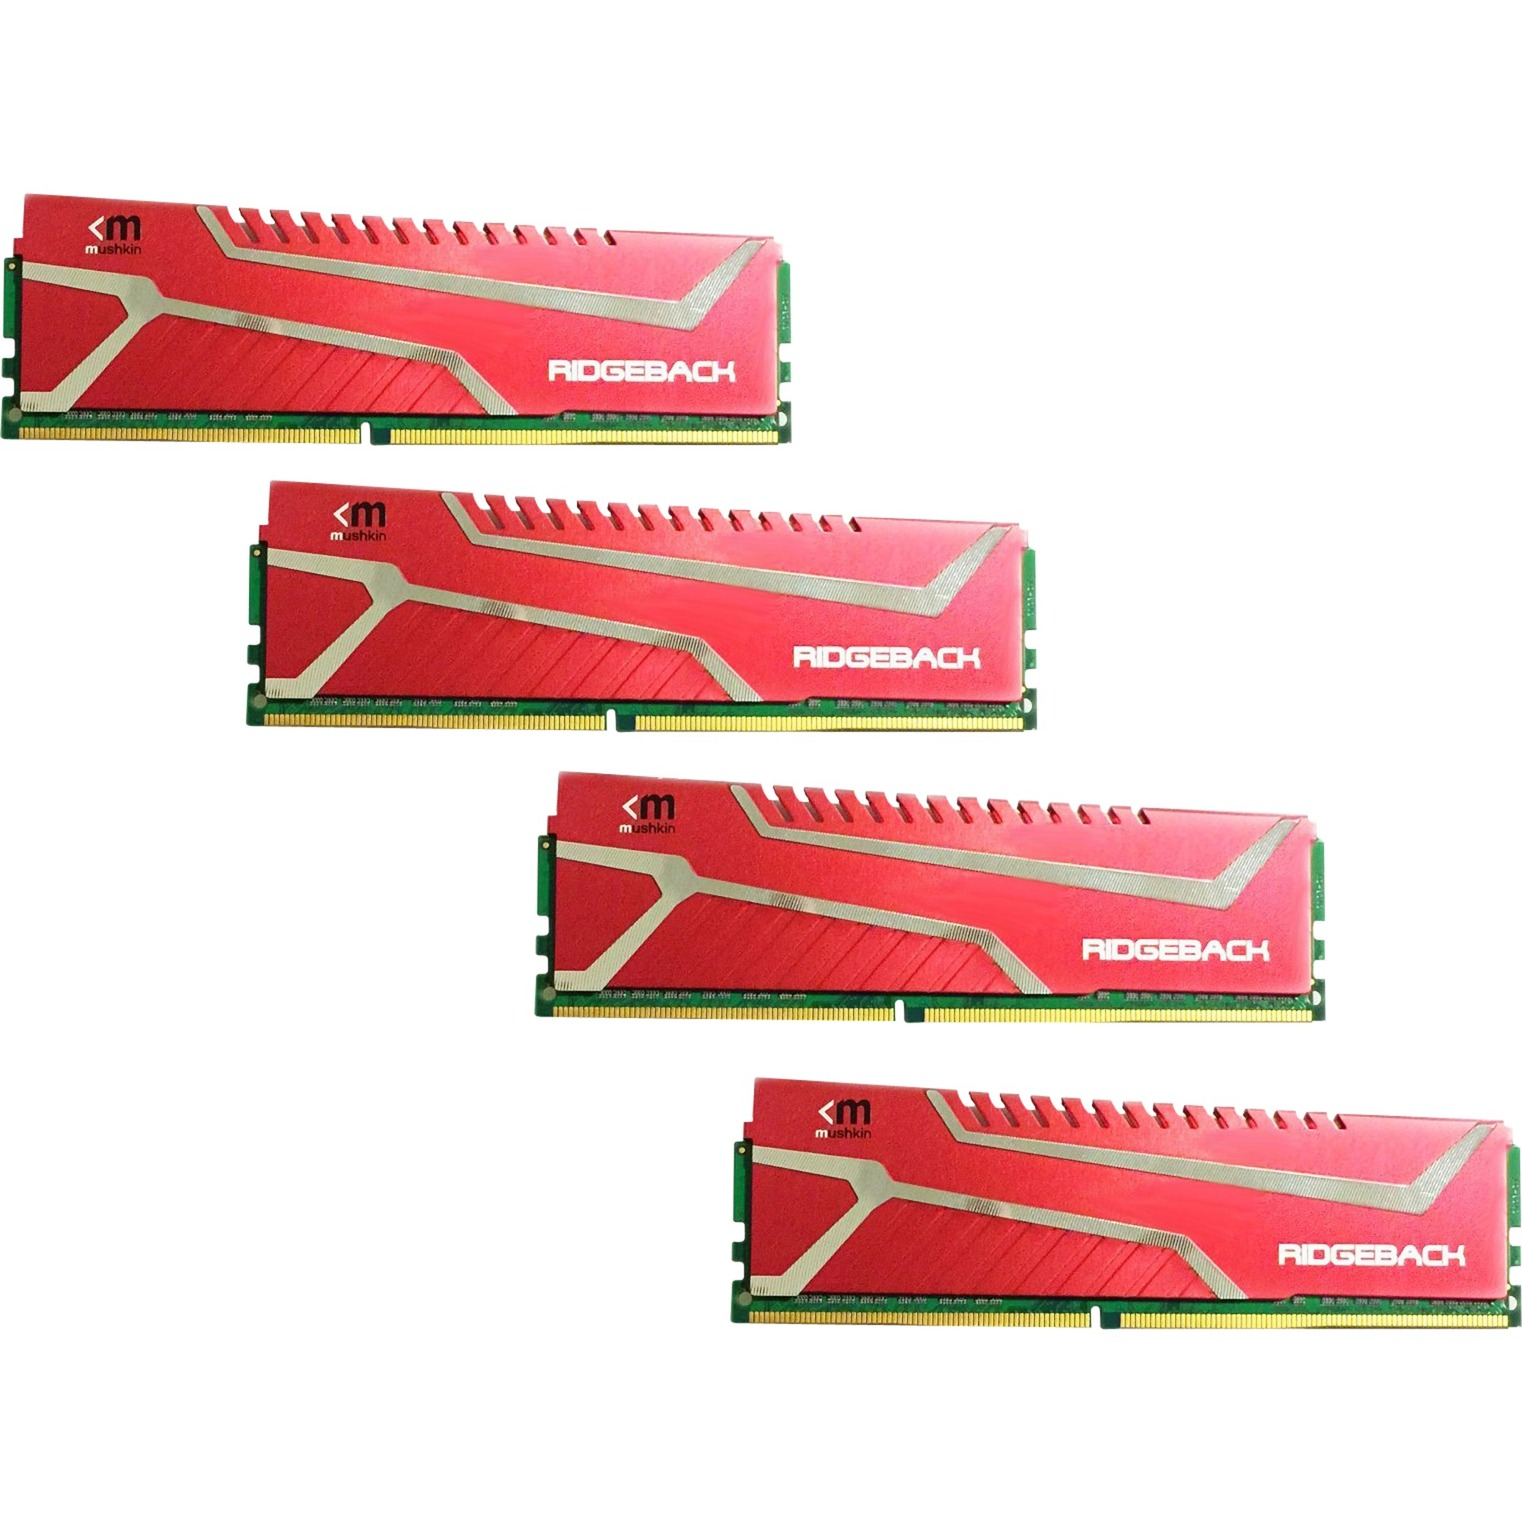 redline-16gb-ddr4-16gb-ddr4-3000mhz-ram-modul-hukommelse